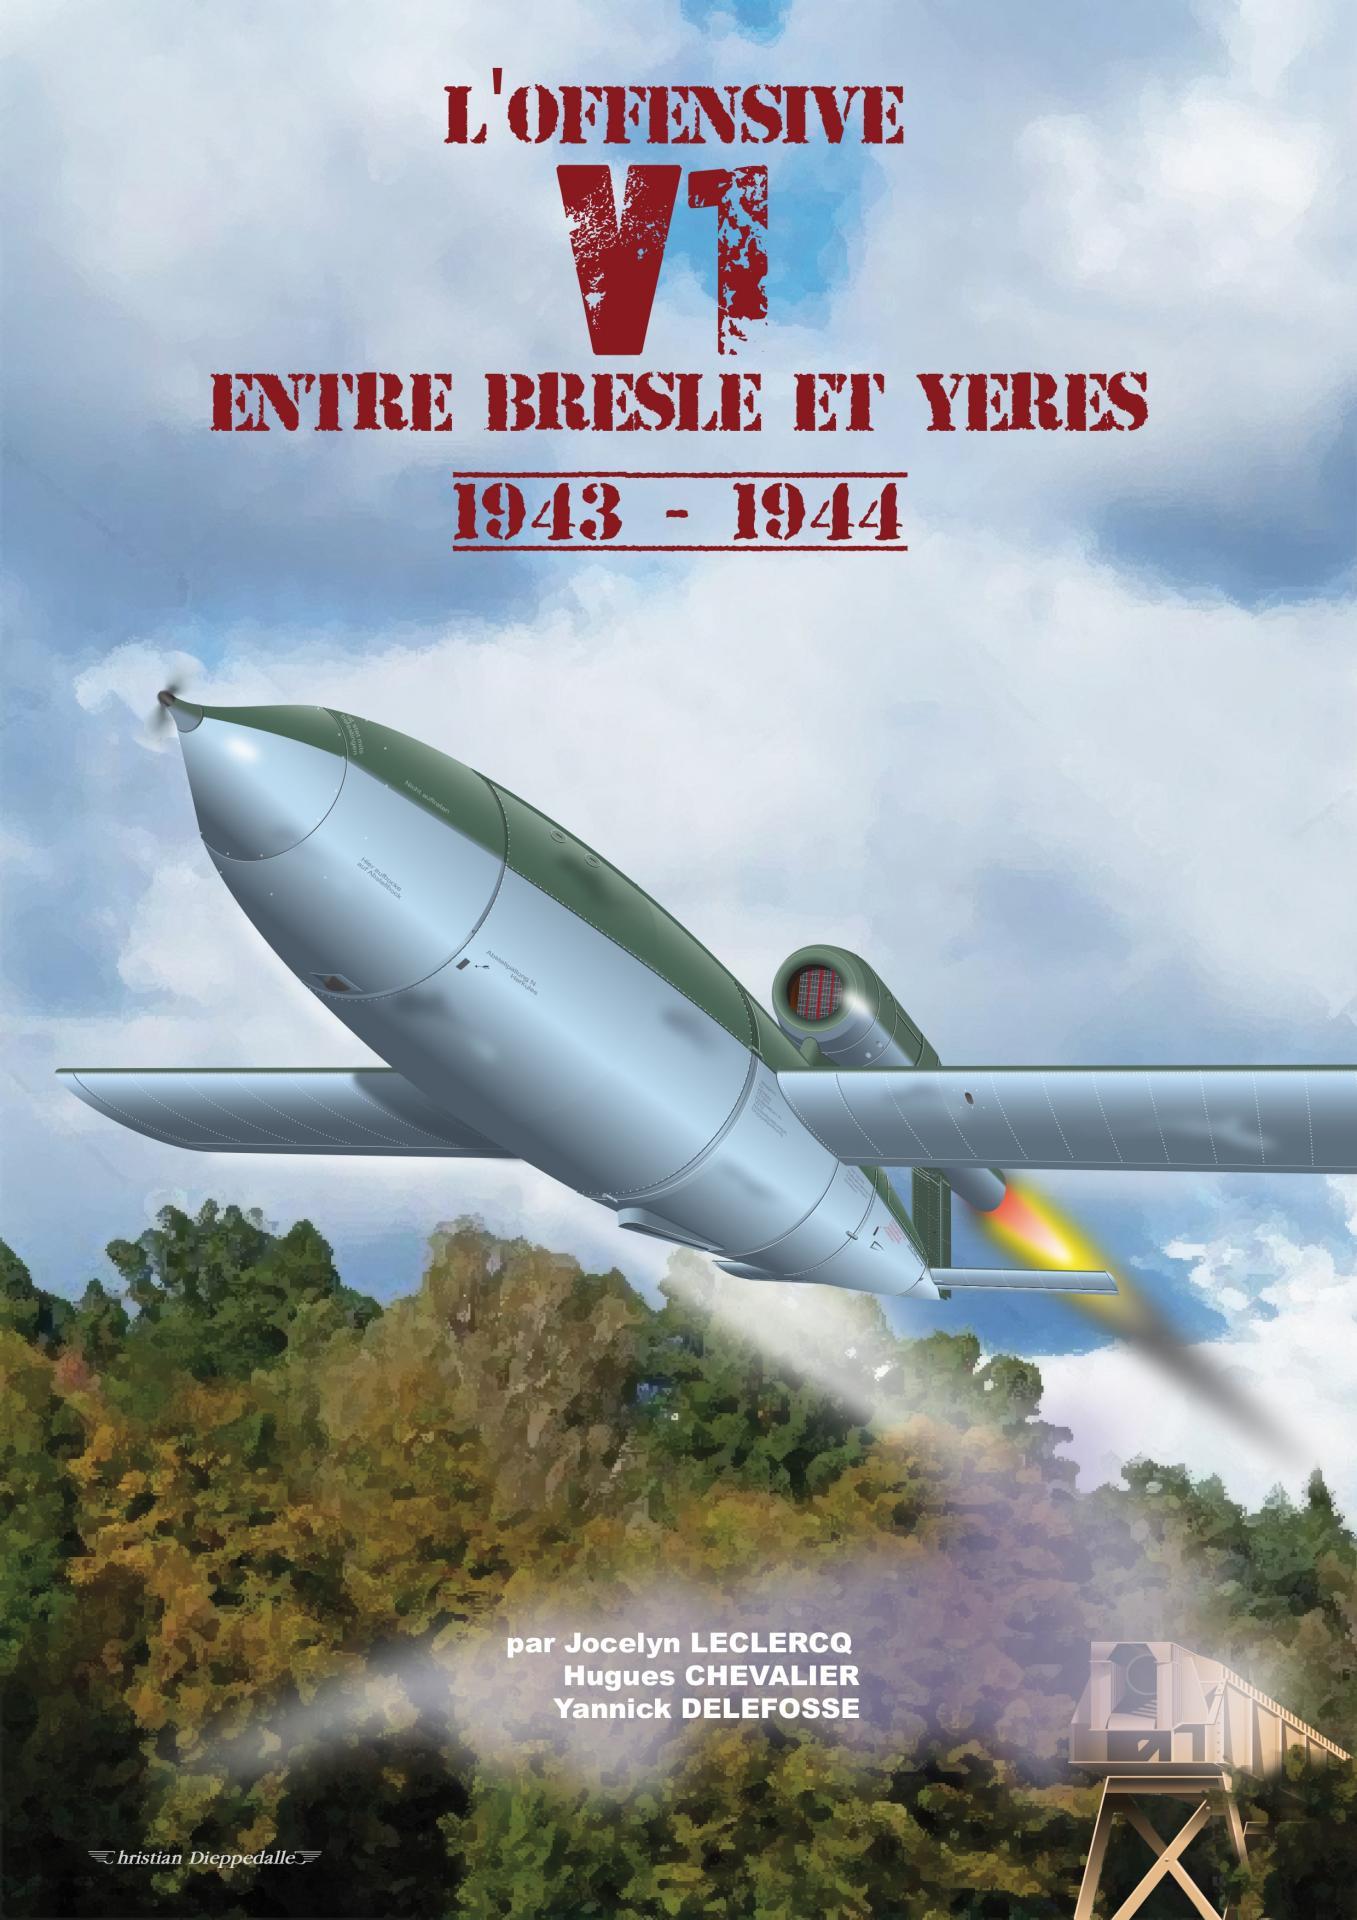 L'offensive V1 entre Bresle et Yères 1943 - 1944